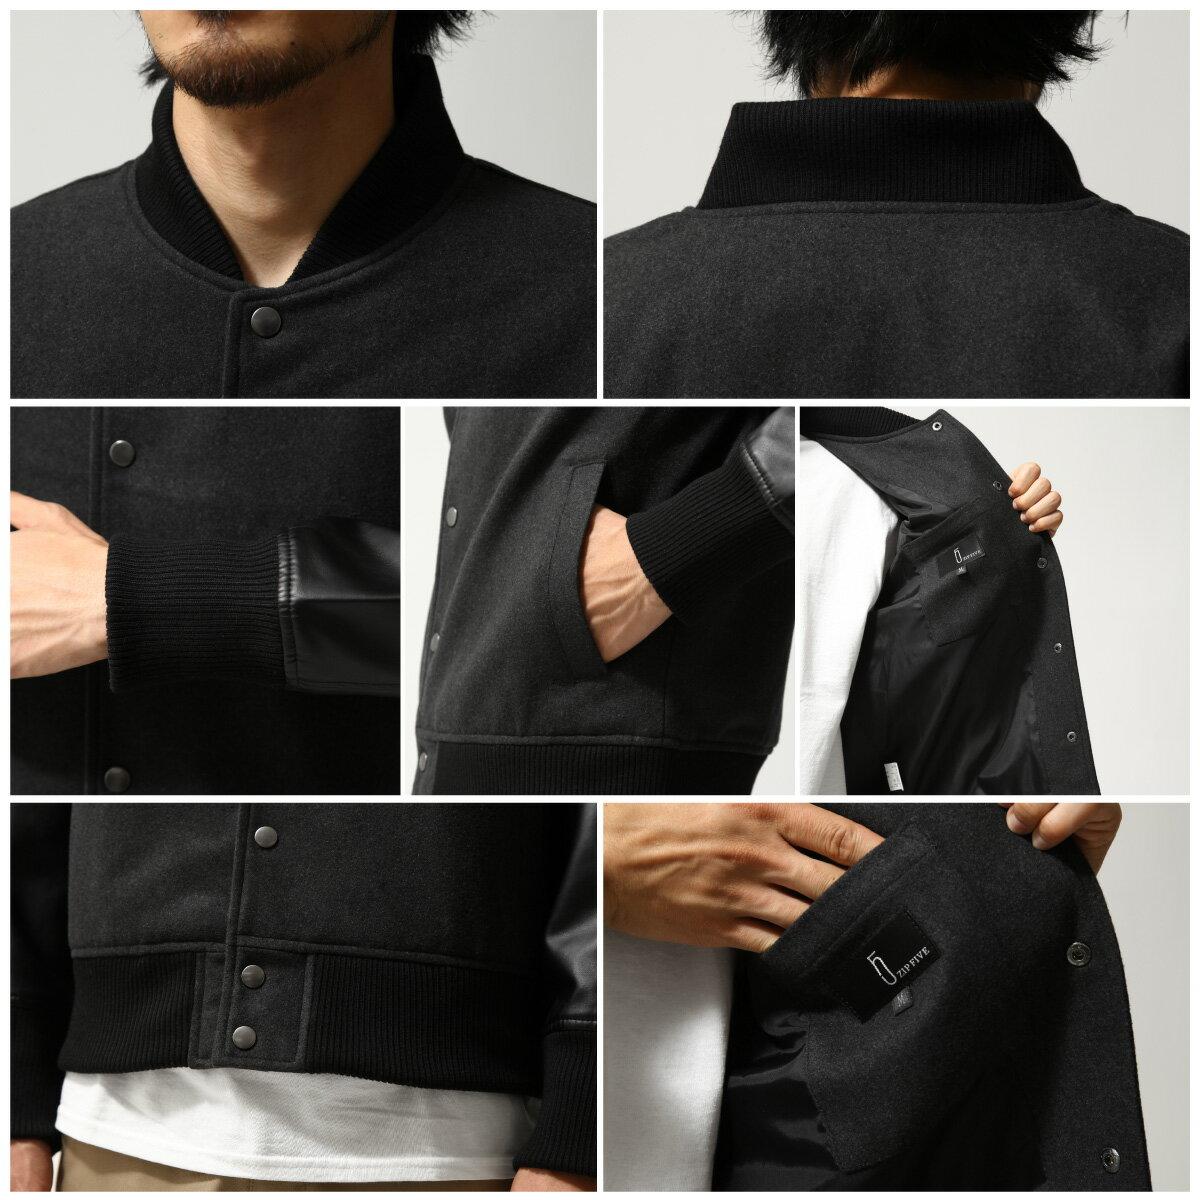 【現貨】 羊毛棒球外套 拼接皮革 4